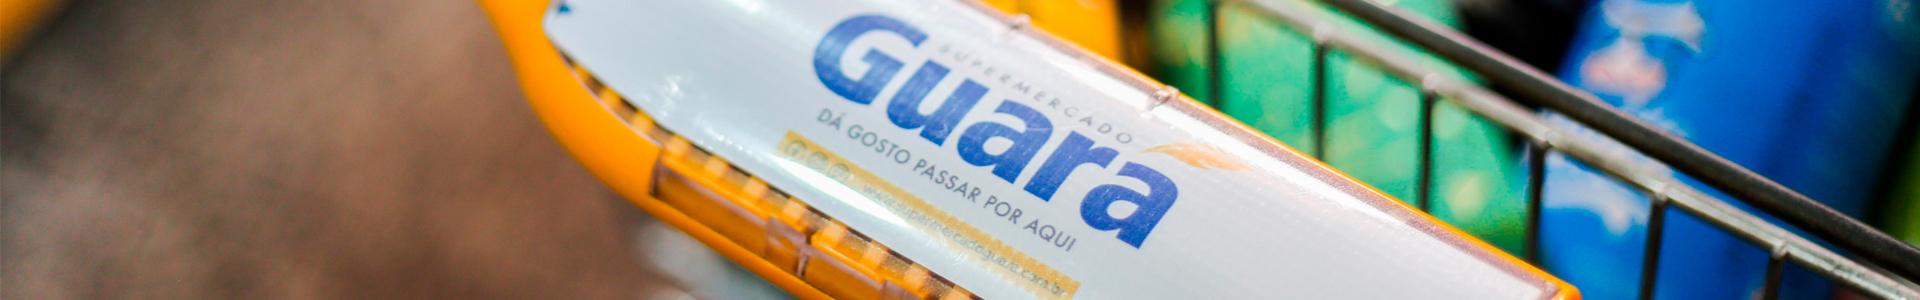 O Guará